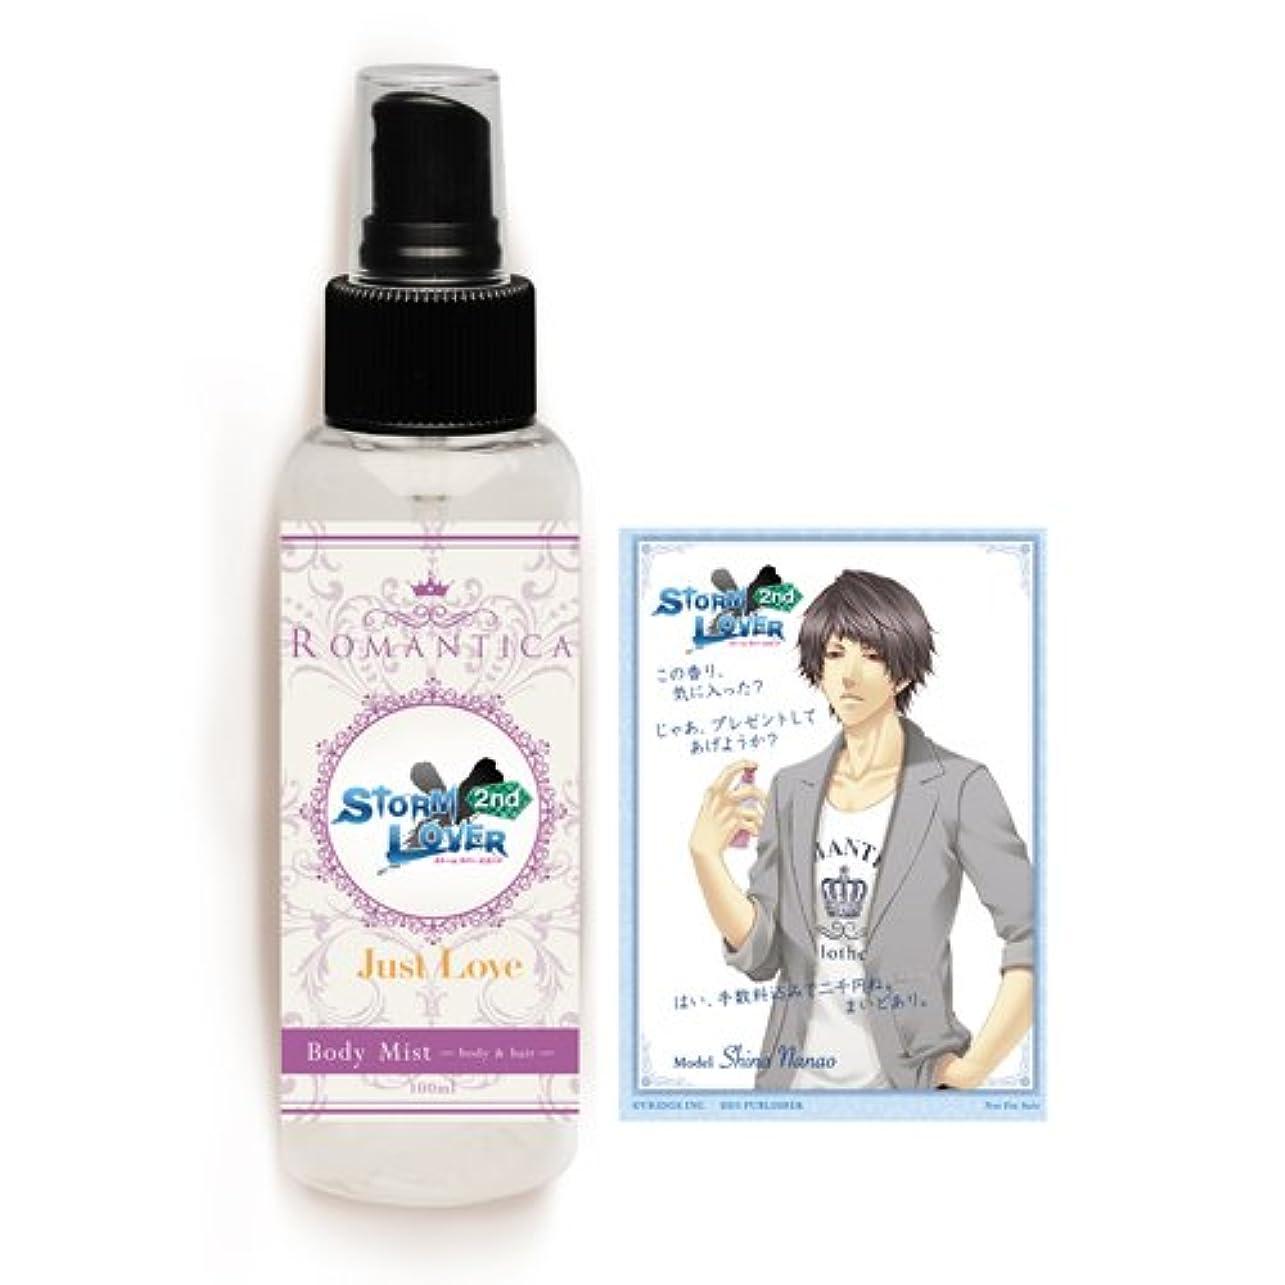 やりすぎ電気技師セミナーSTORM LOVER2nd Fragrance Body Mist 椎名描きおろしイラストカード付き